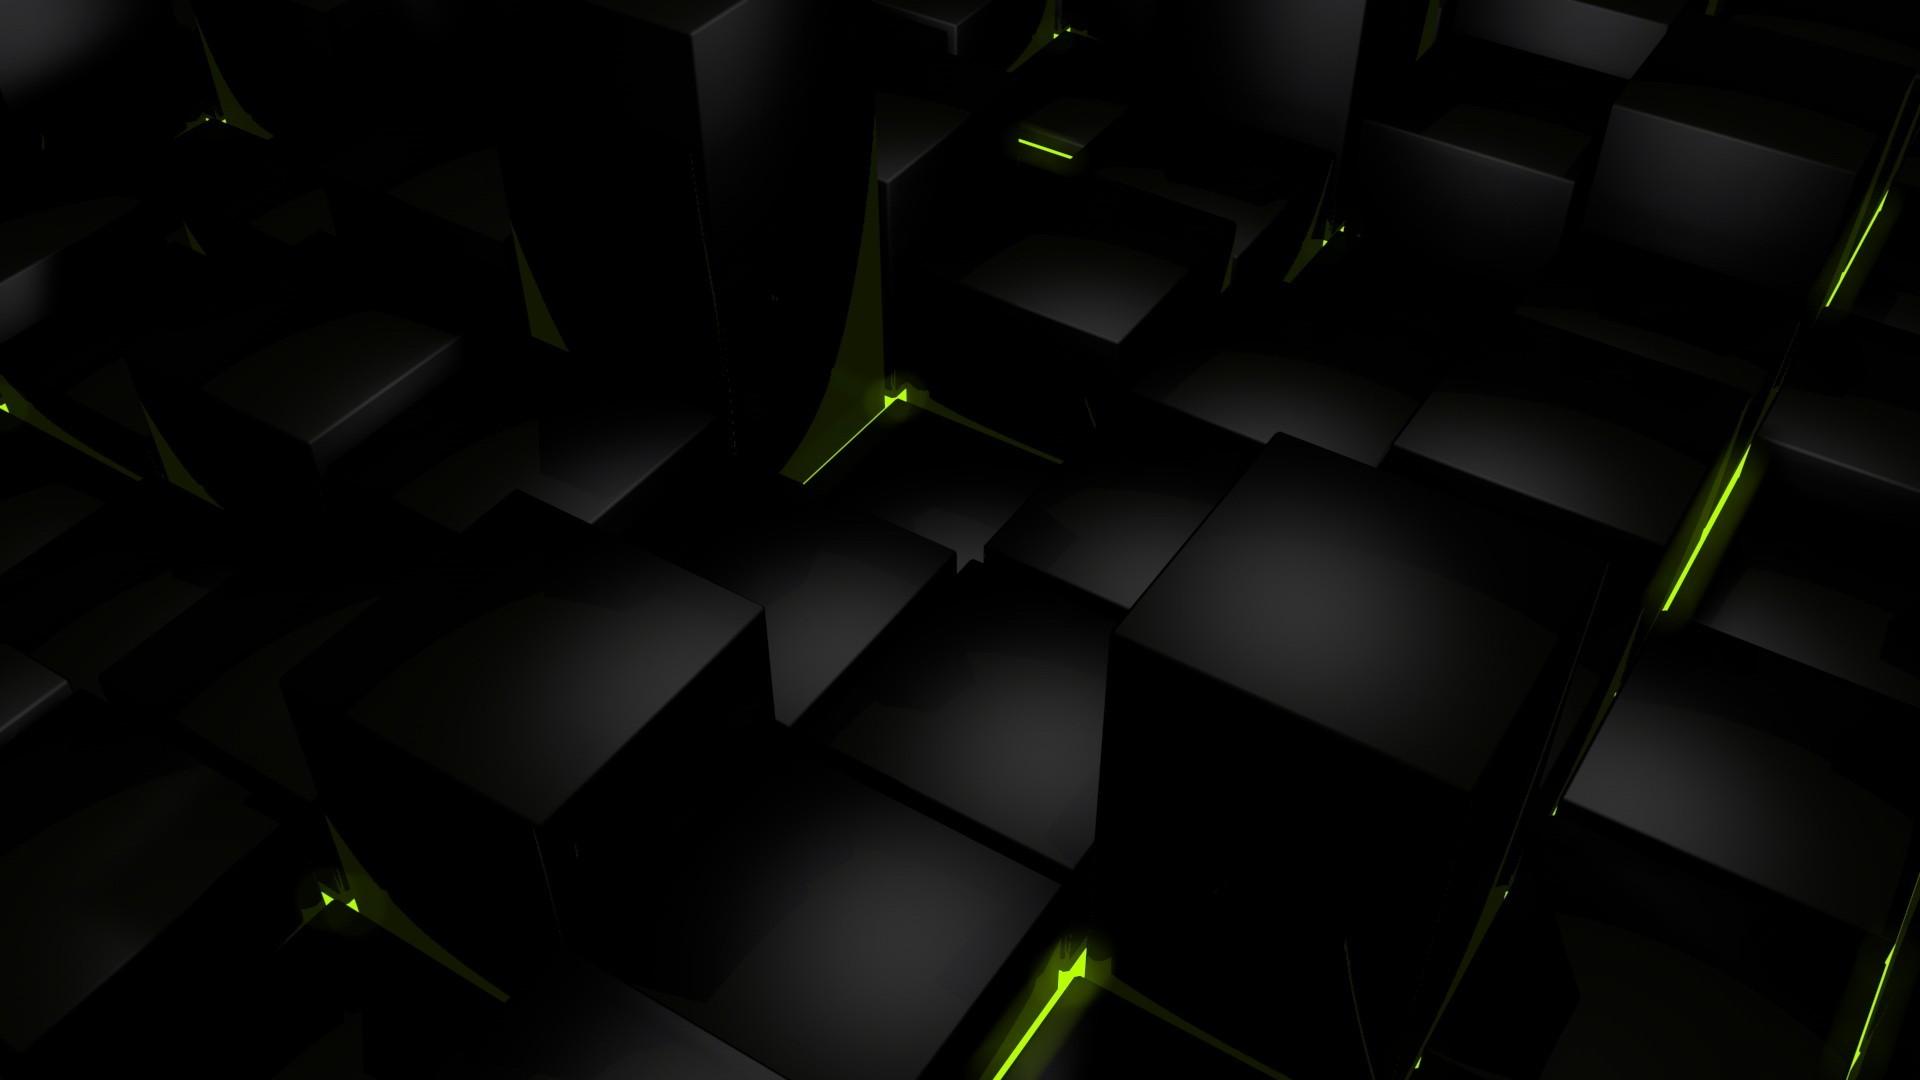 Dark cubes glow computer graphics wallpaper     67125 .